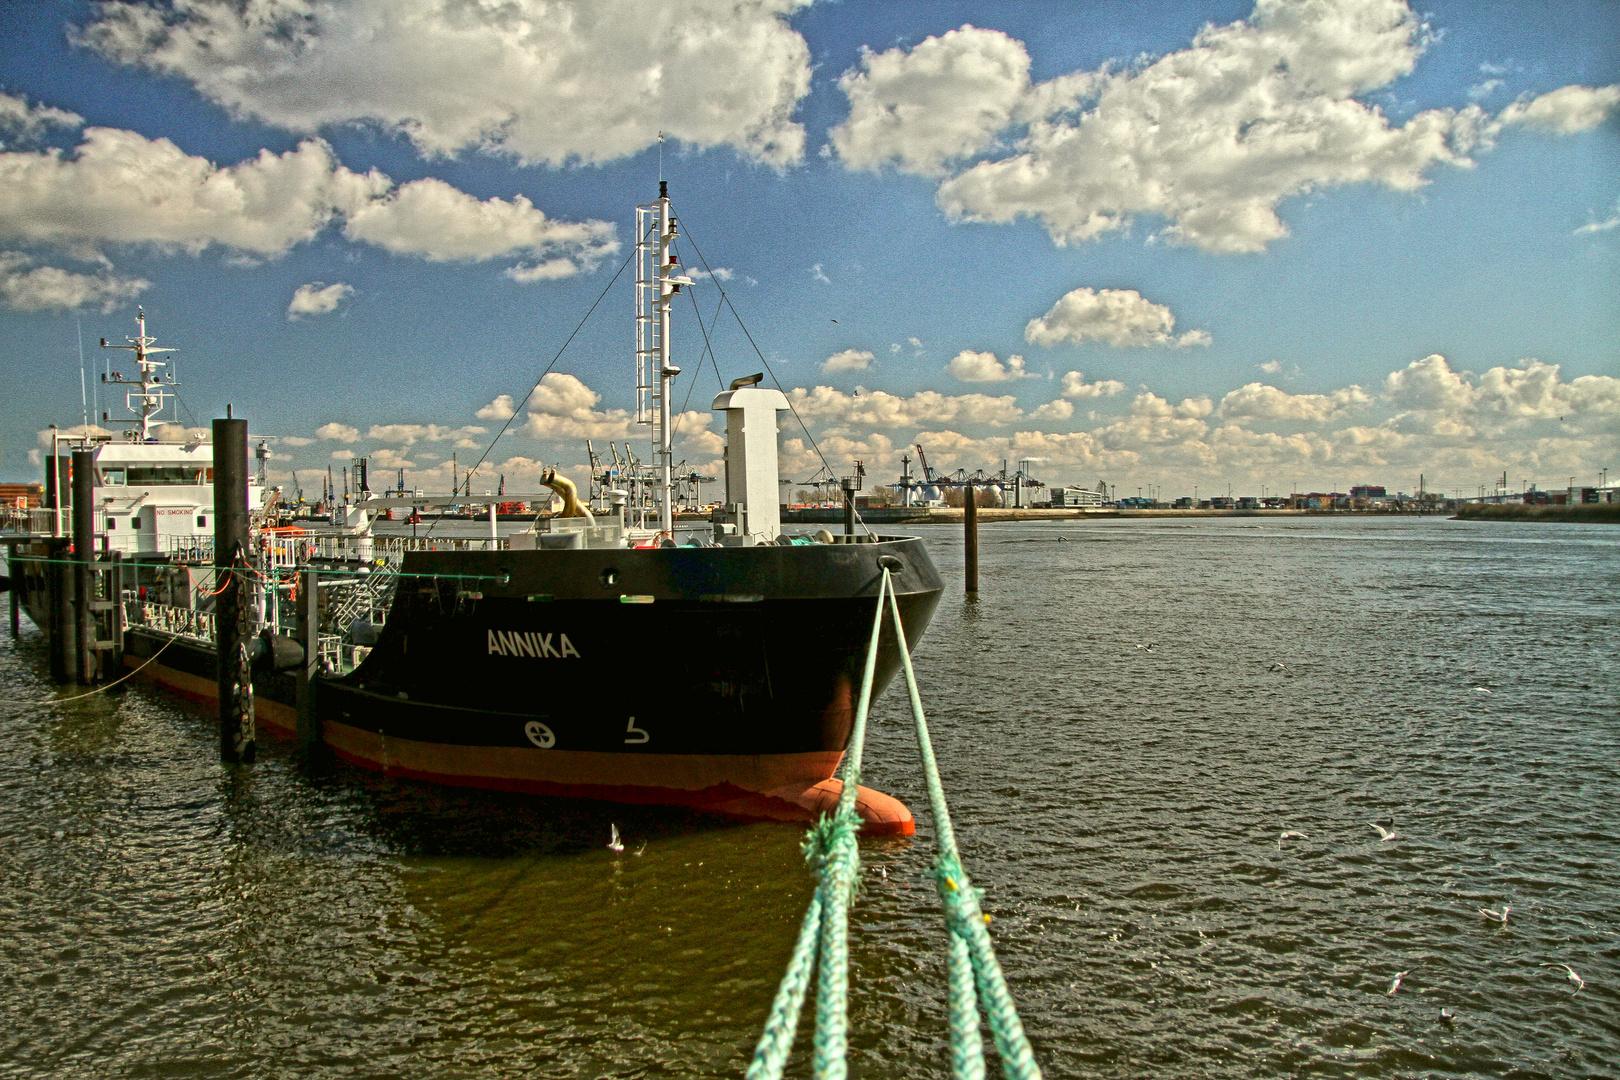 Hamburger Hafen und Sonne ;-)